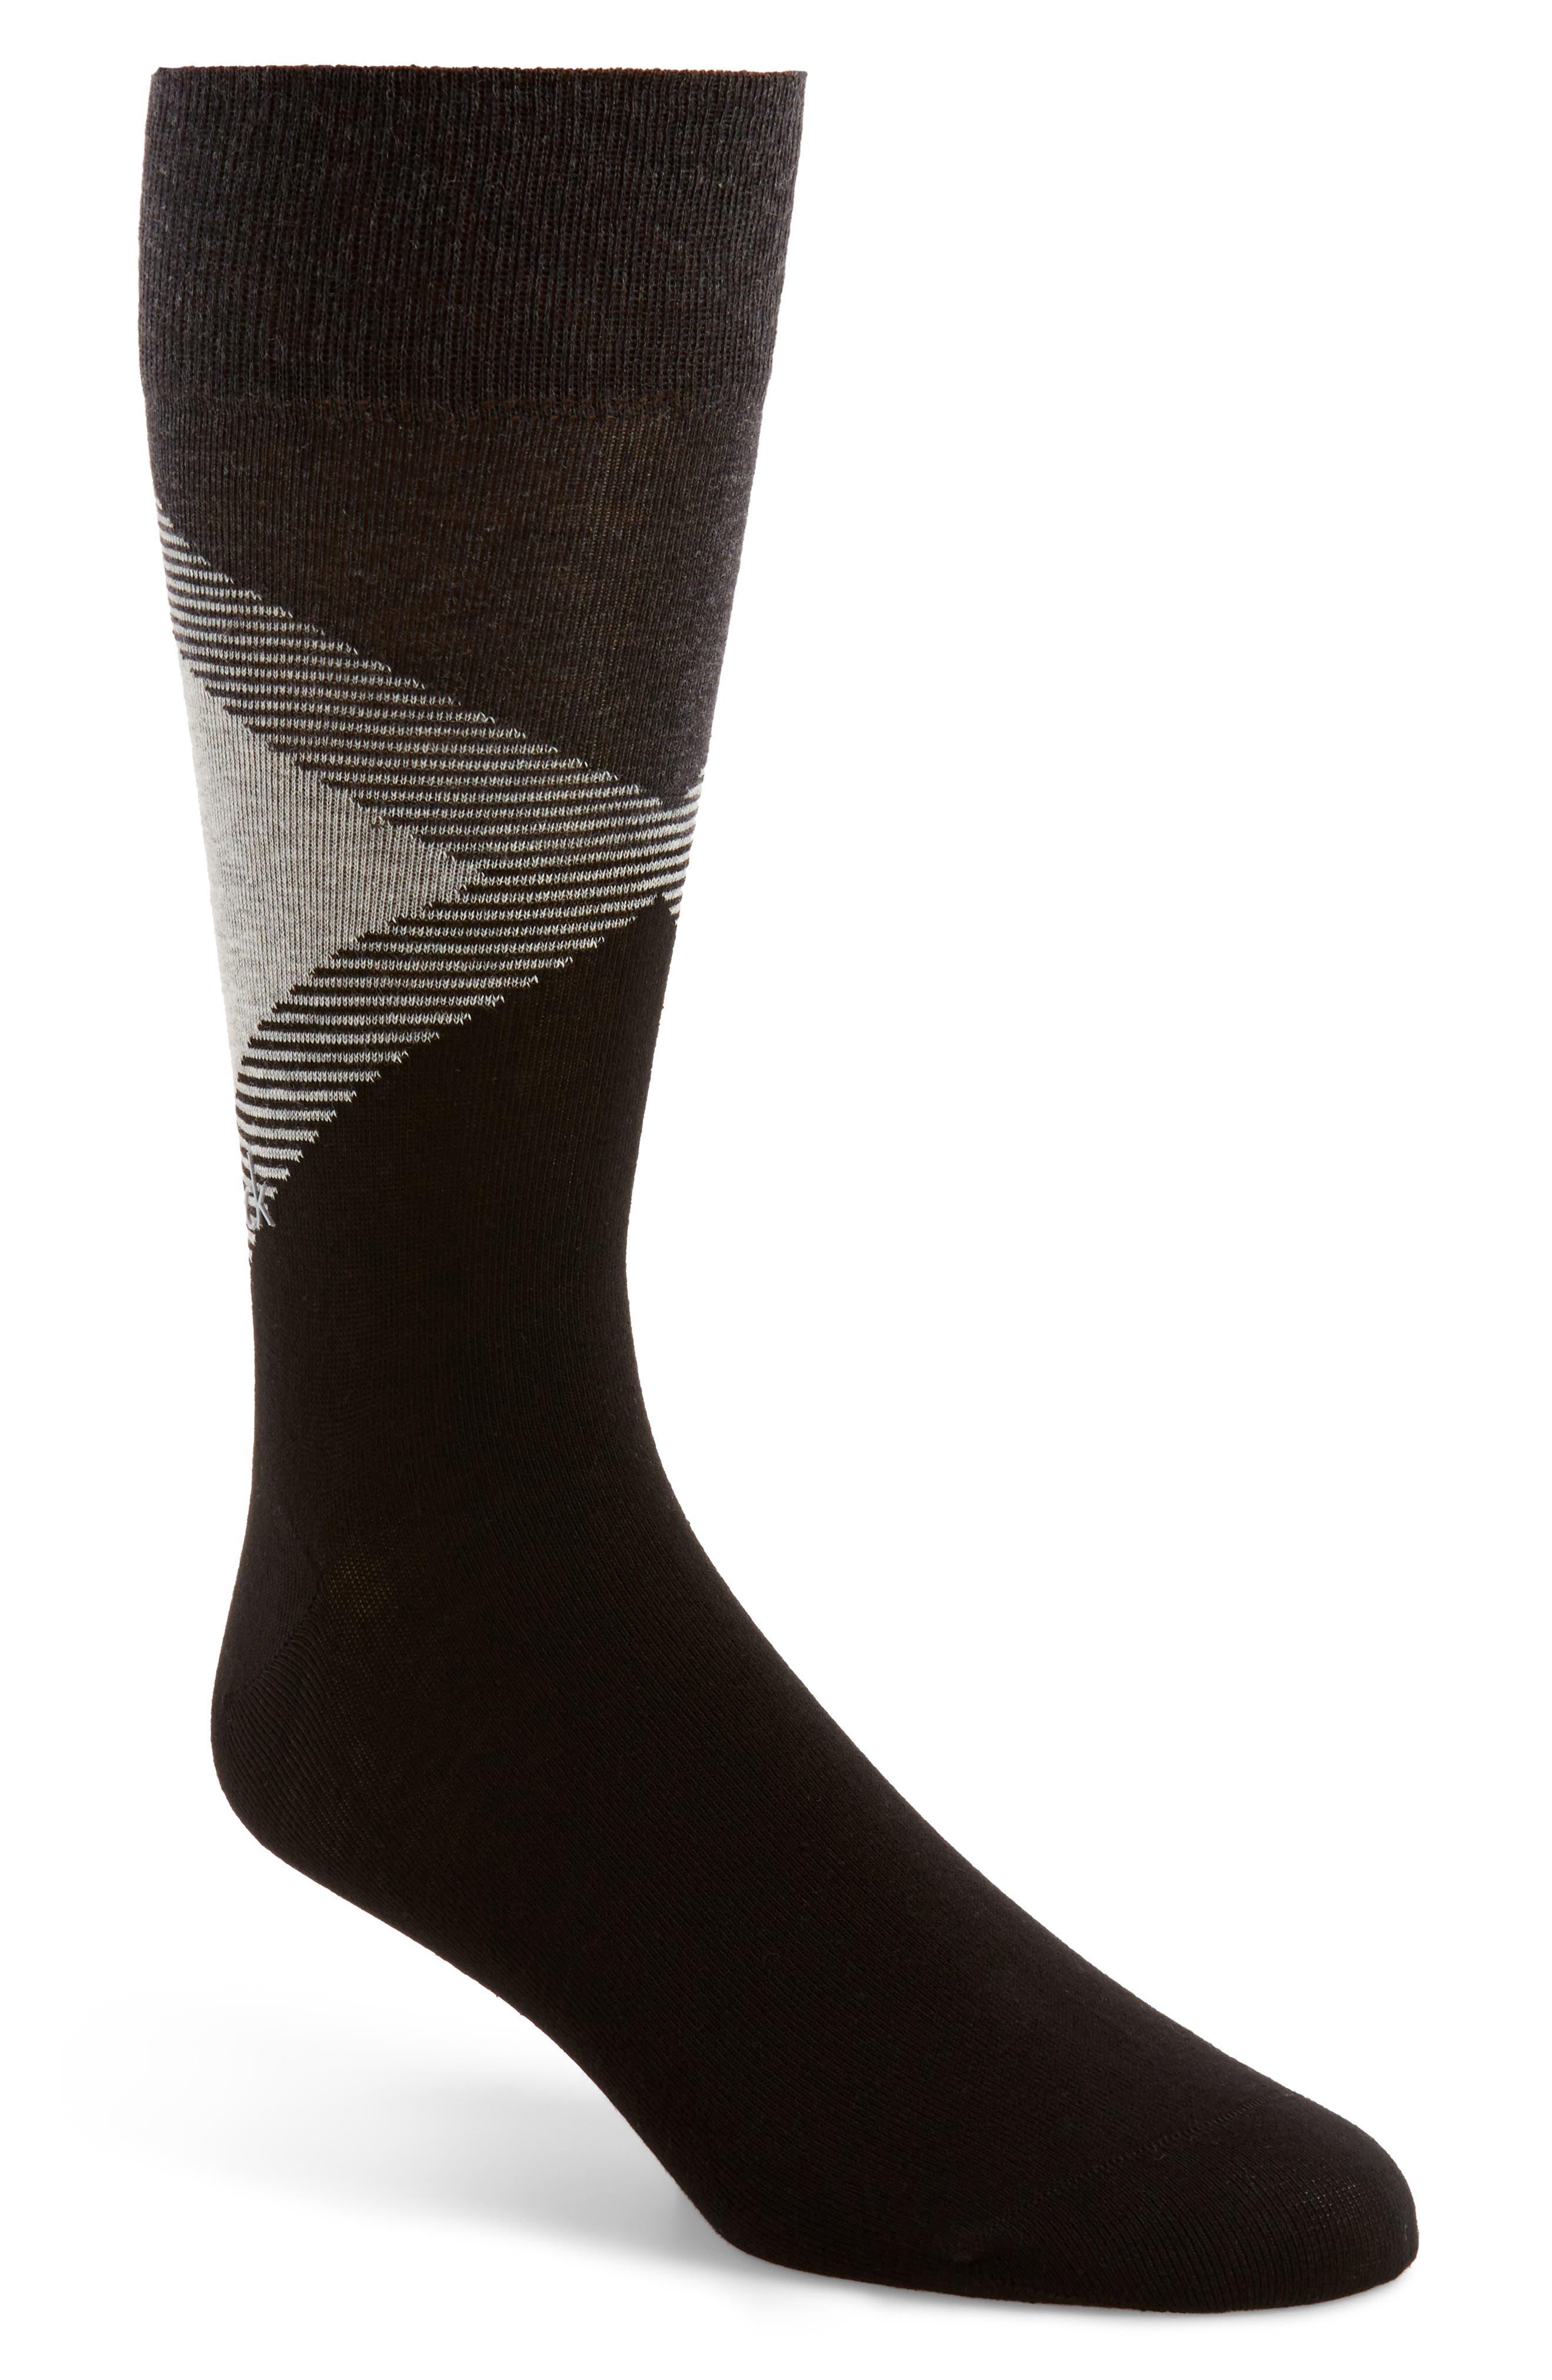 Big Diamond Socks,                             Main thumbnail 1, color,                             Black